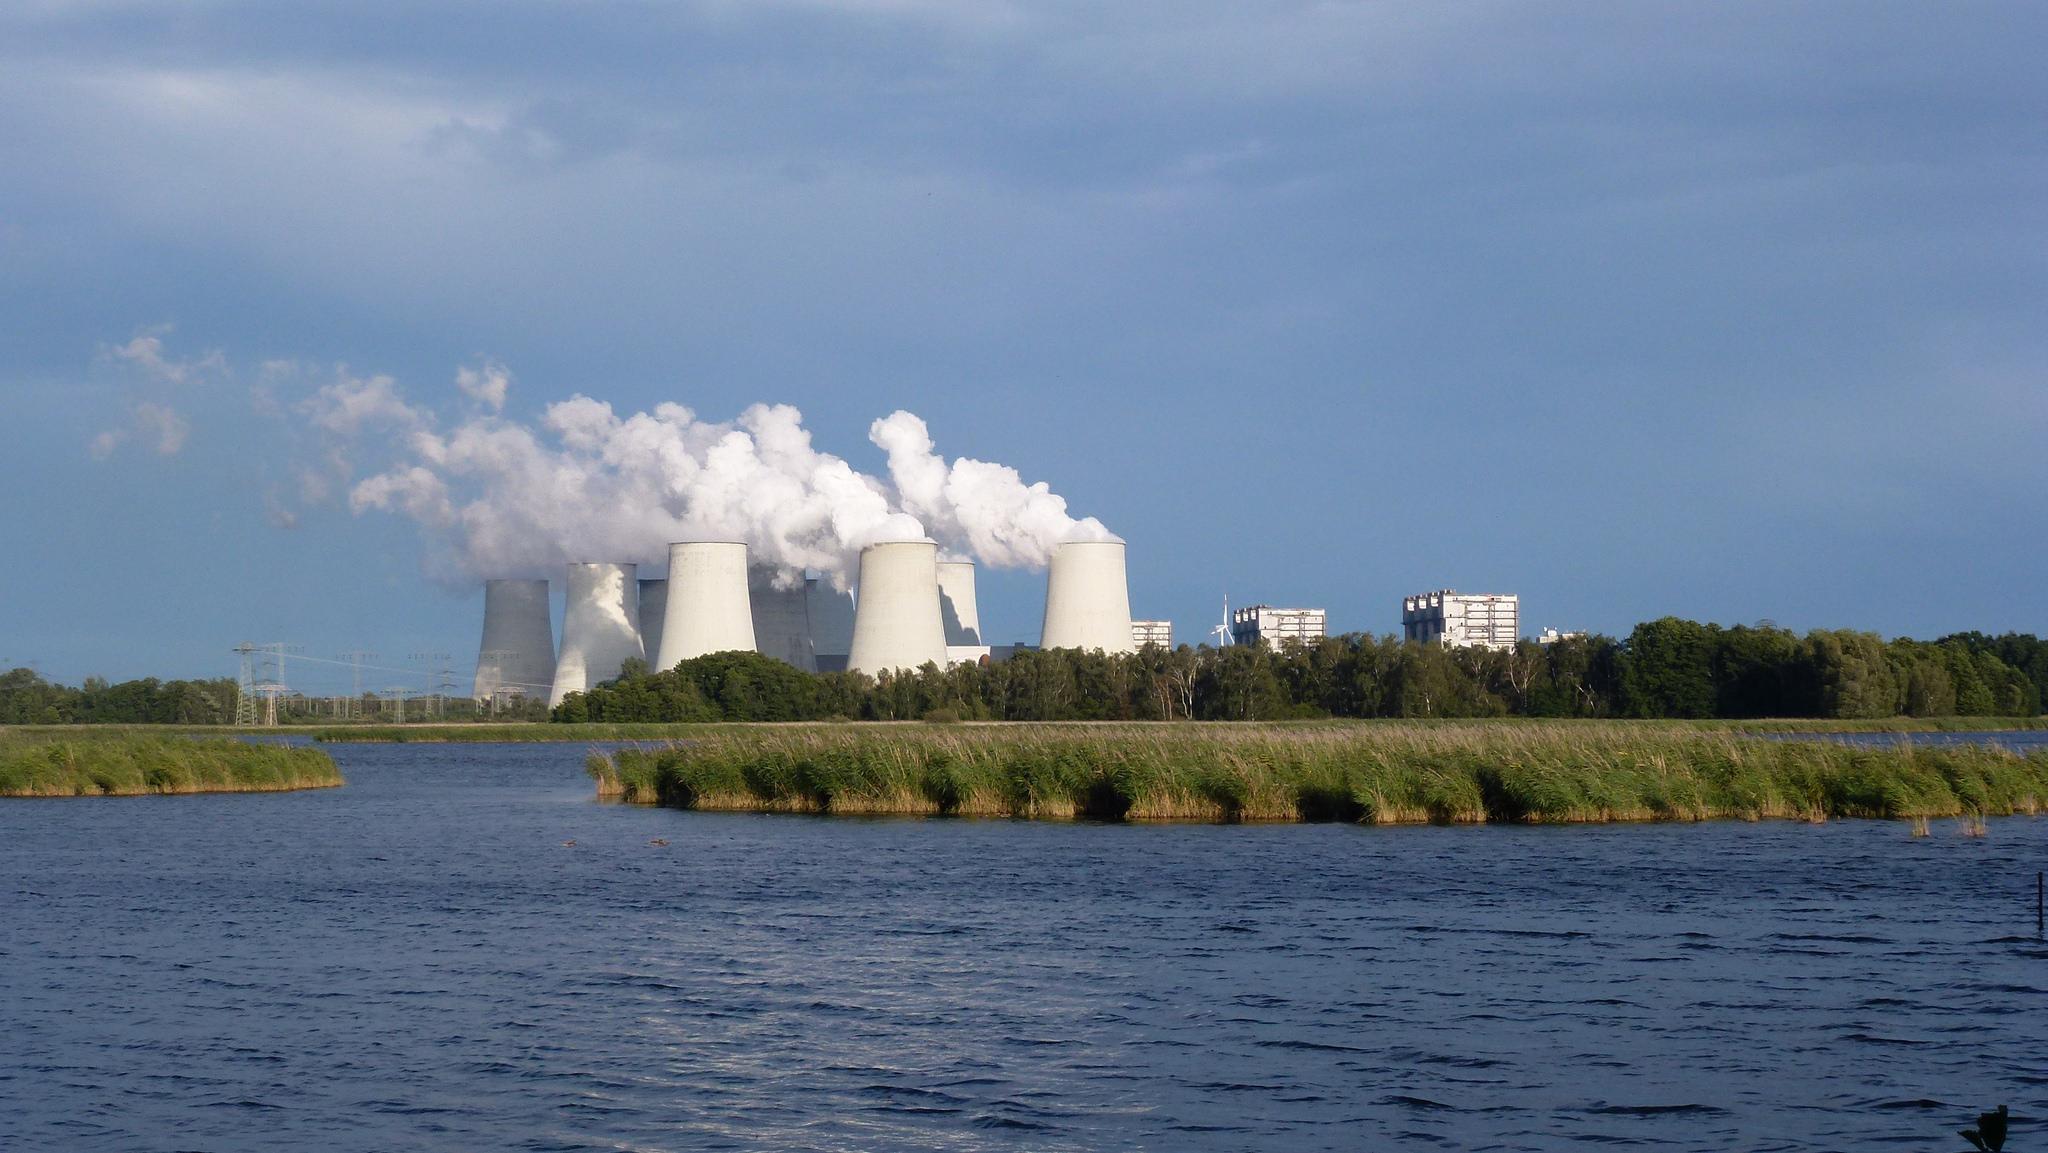 Deutschland wird Braunkohlenoch länger benötigen, ist der tschechische Konzern ?EZ überzeugt.